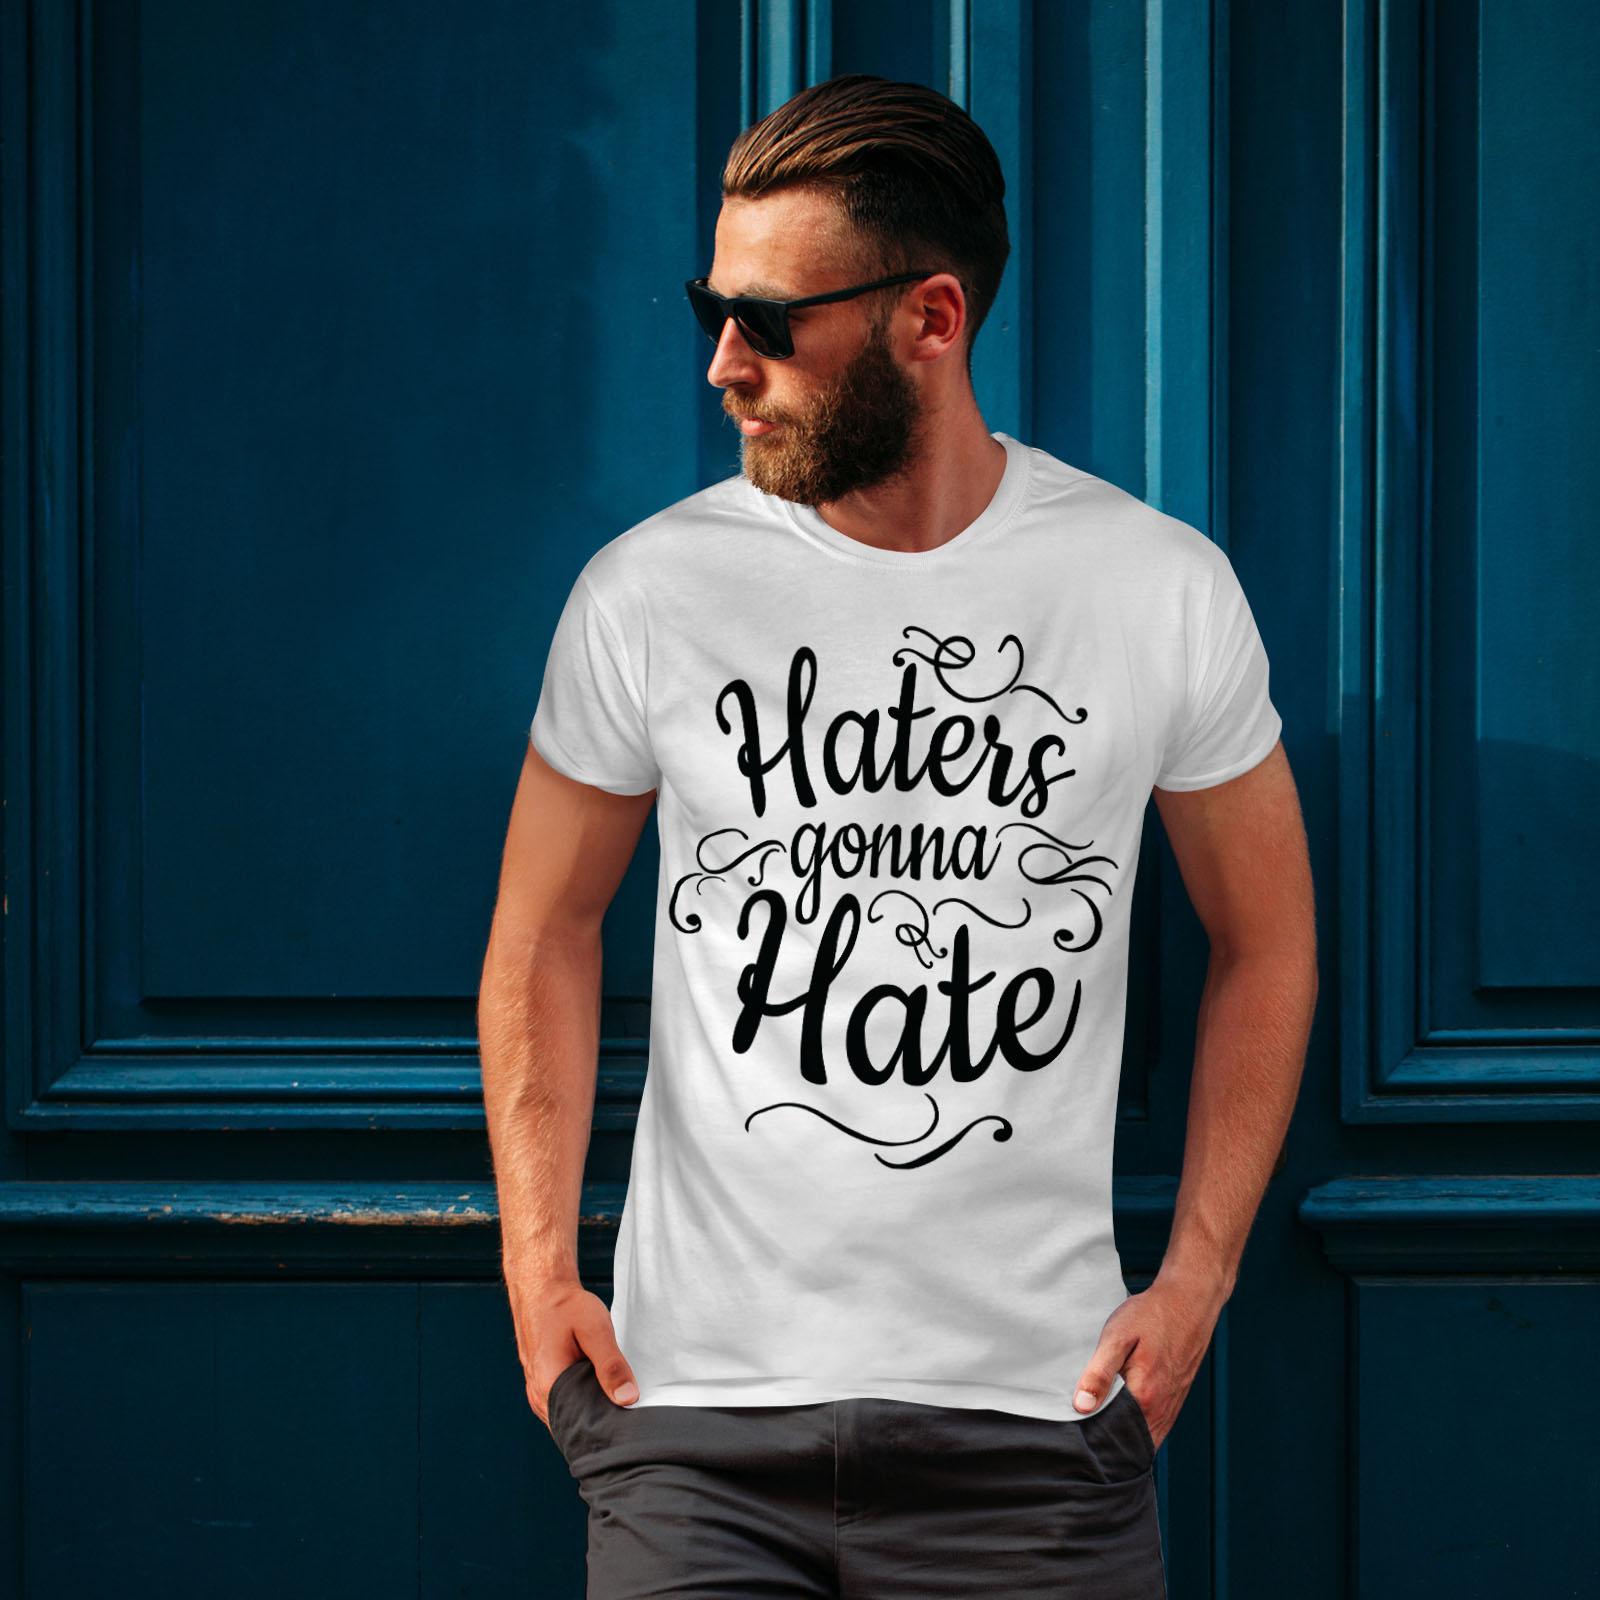 Wellcoda-Hasser-Gonna-Hate-Herren-T-Shirt-lustige-Grafikdesign-Printed-Tee Indexbild 10